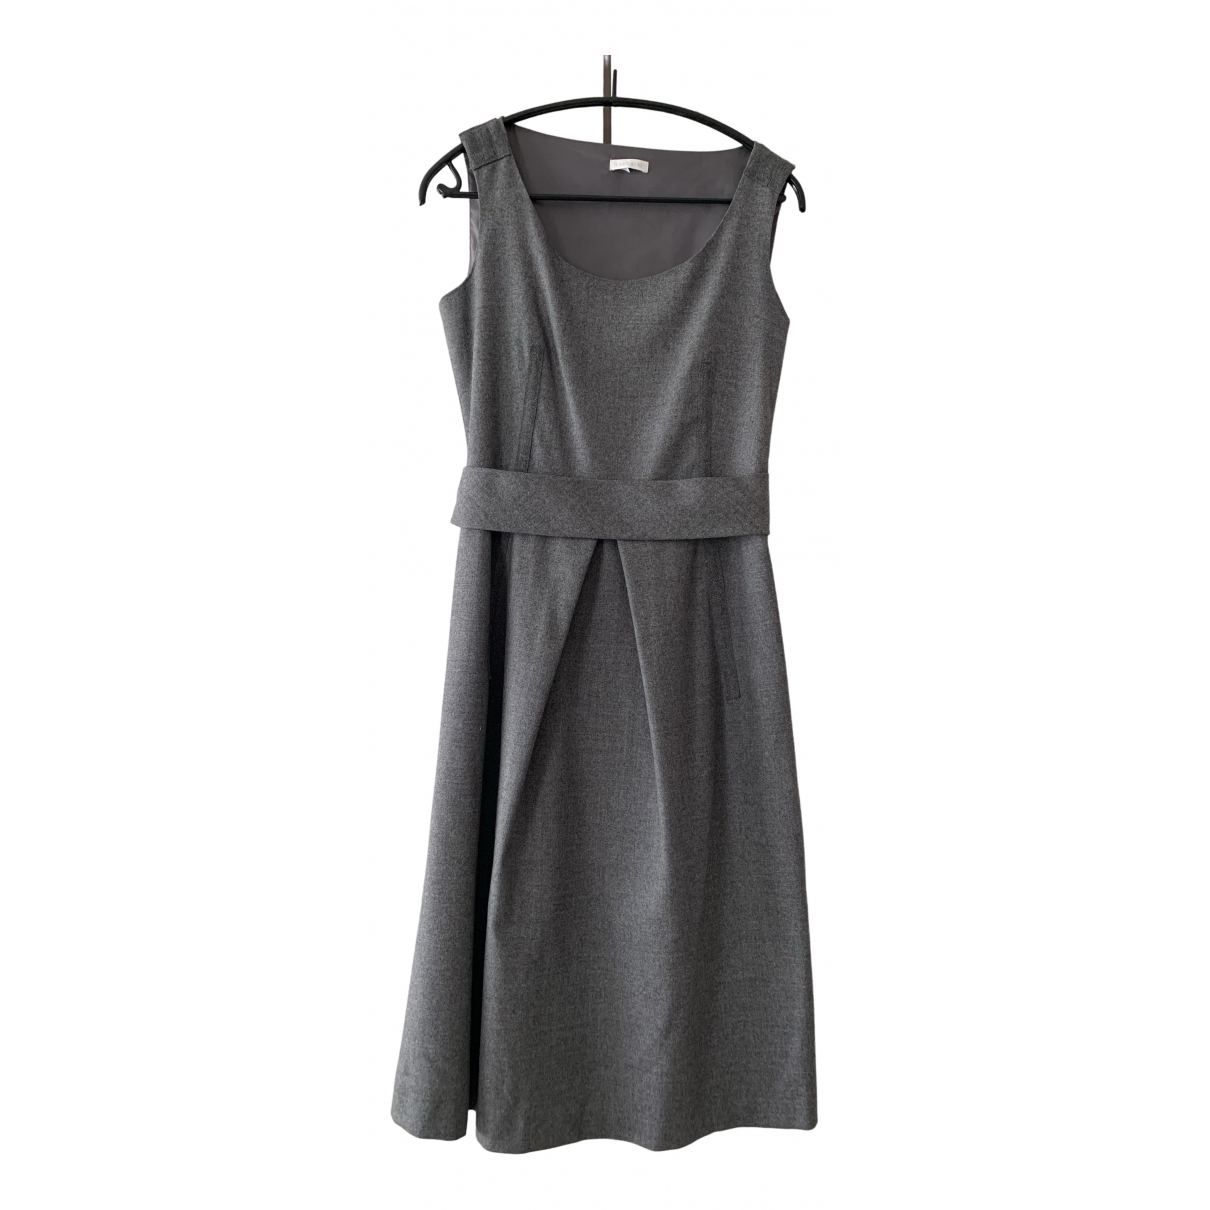 Cacharel \N Kleid in  Grau Wolle